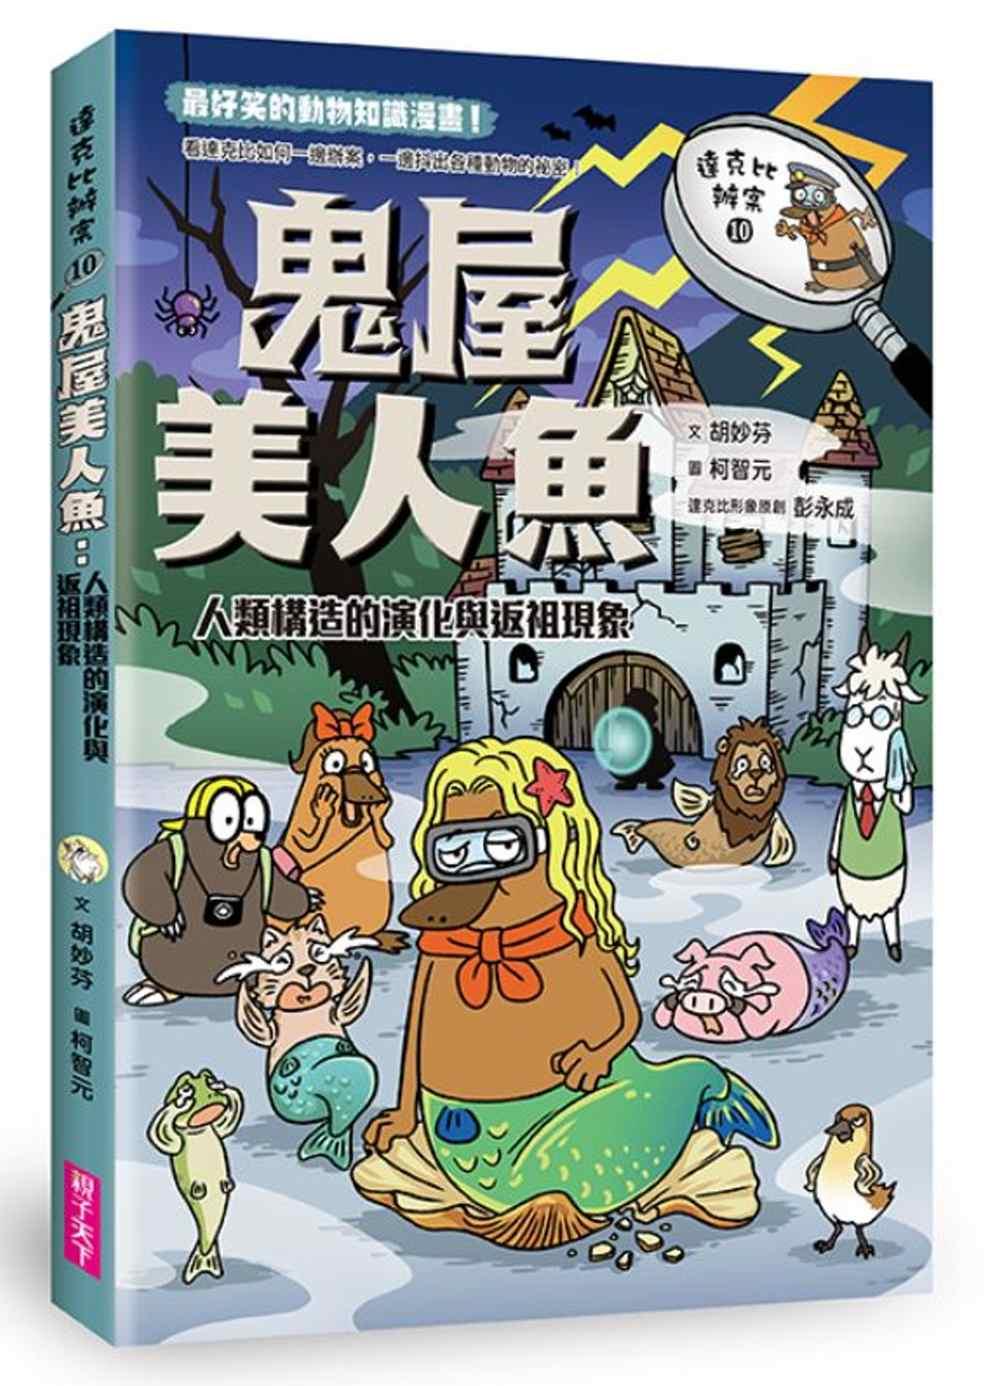 達克比辦案10:鬼屋美人魚:人類構造的演化與返祖現象